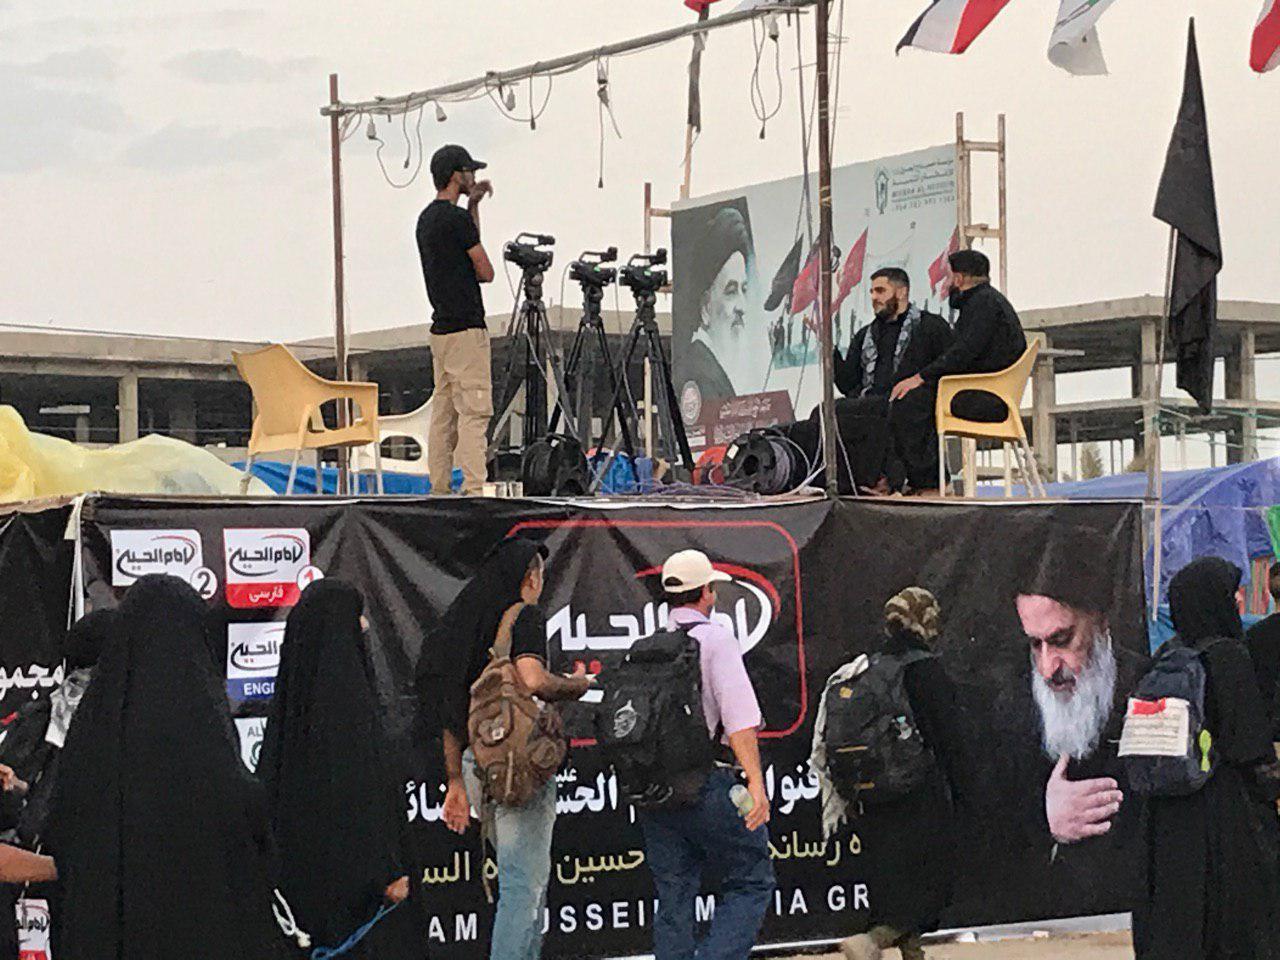 تصویر پخش ویژه برنامه های اربعینی مجموعه رسانه ای امام حسین علیه السلام از مسیر نجف کربلا